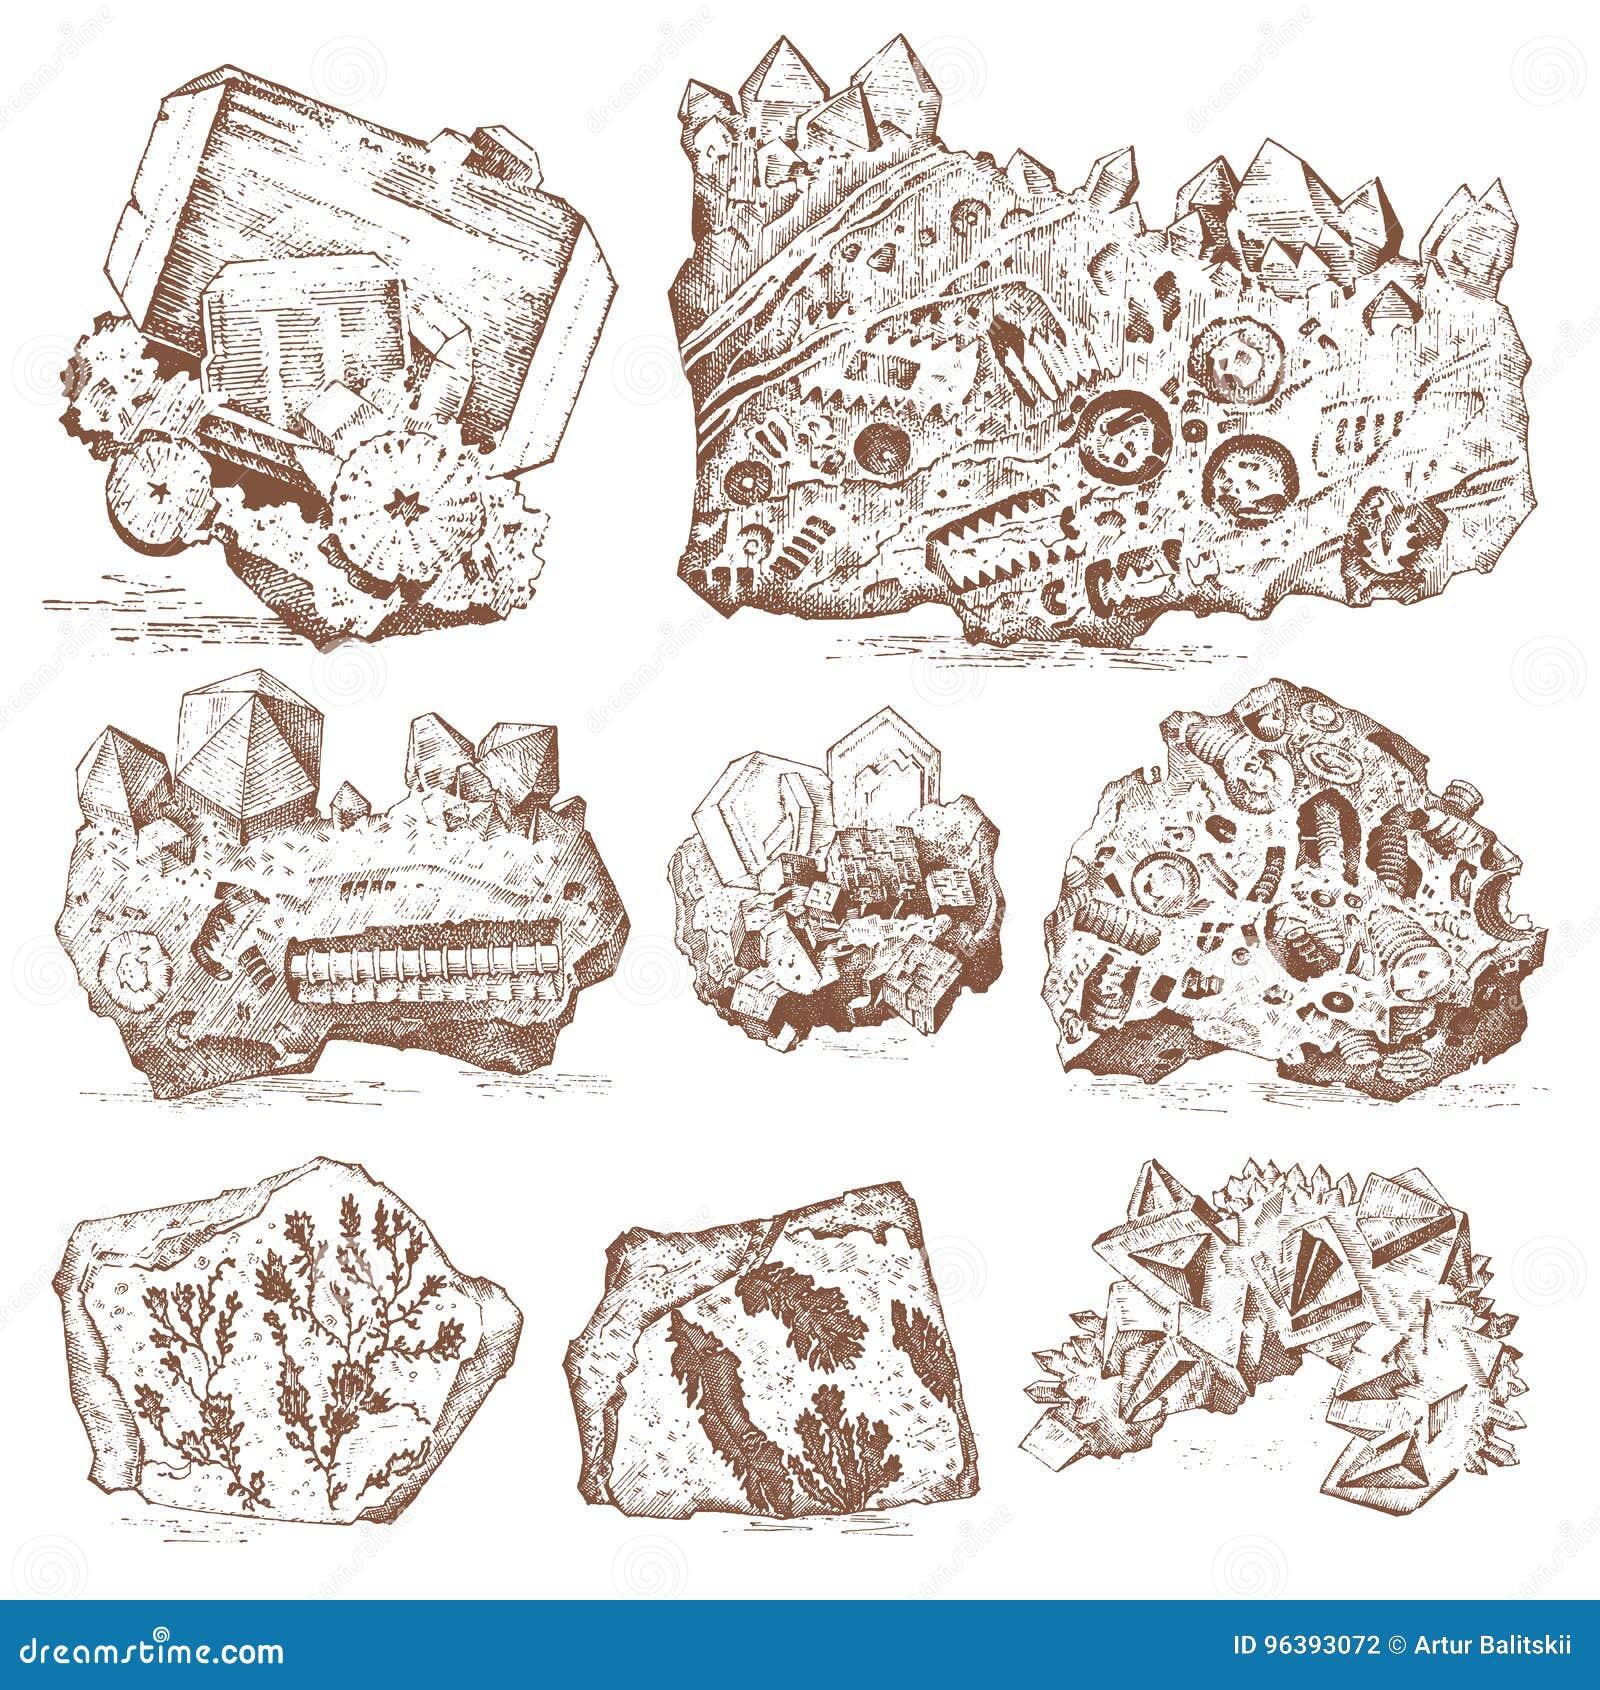 僵化的植物、石头和矿物、水晶、史前动物、考古学或者古生物学 片段化石